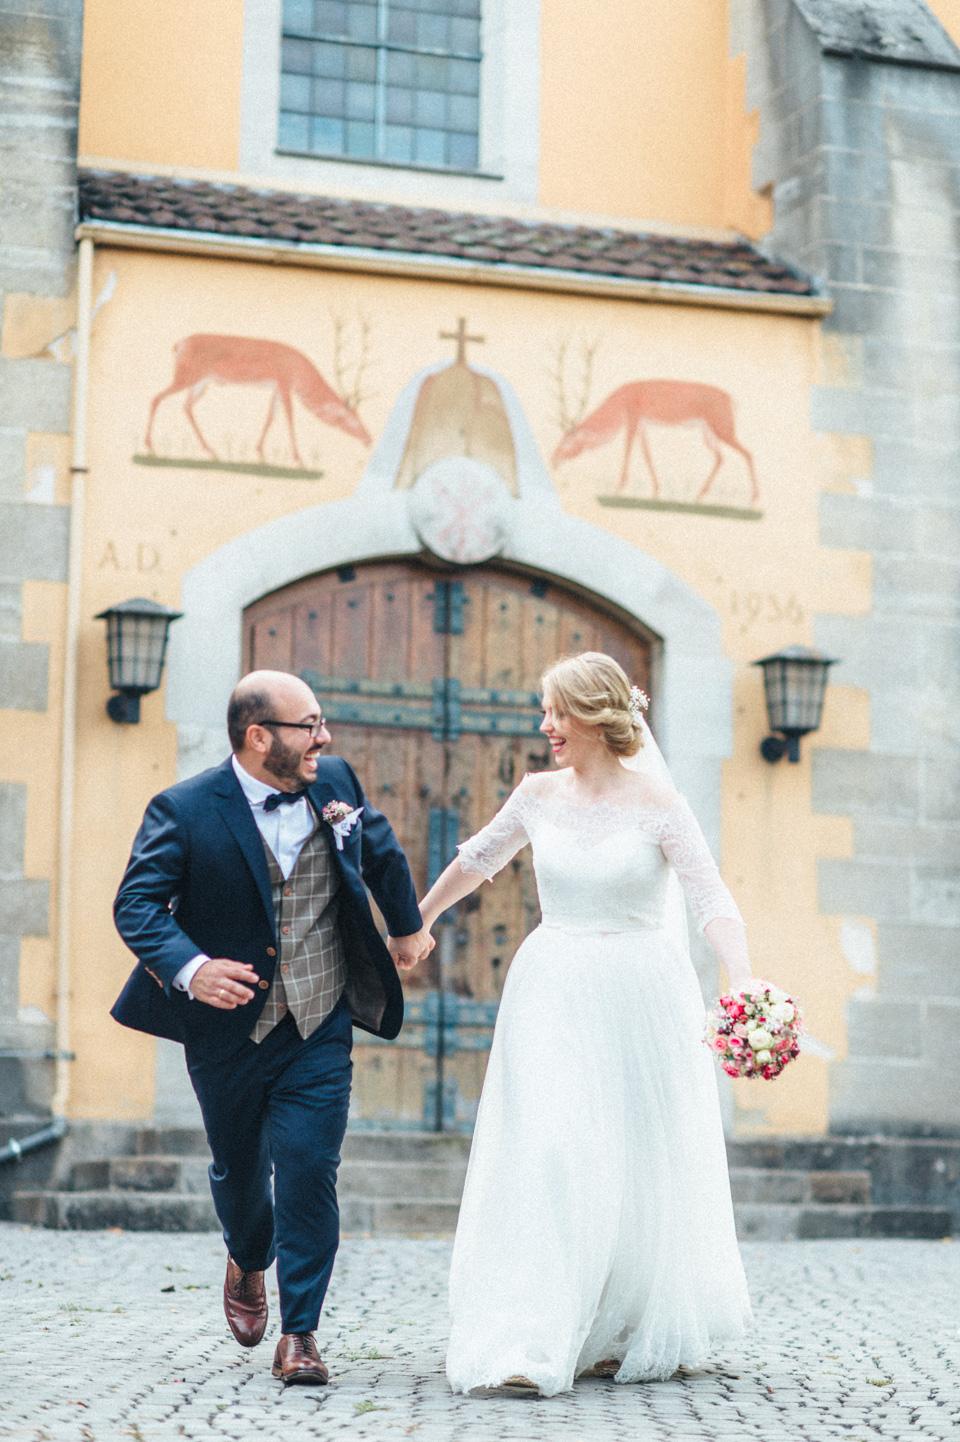 diy-wedding-bayern-179 Isabell & Tomaj Vintage DIY Hochzeit in Bayerndiy wedding bayern 179